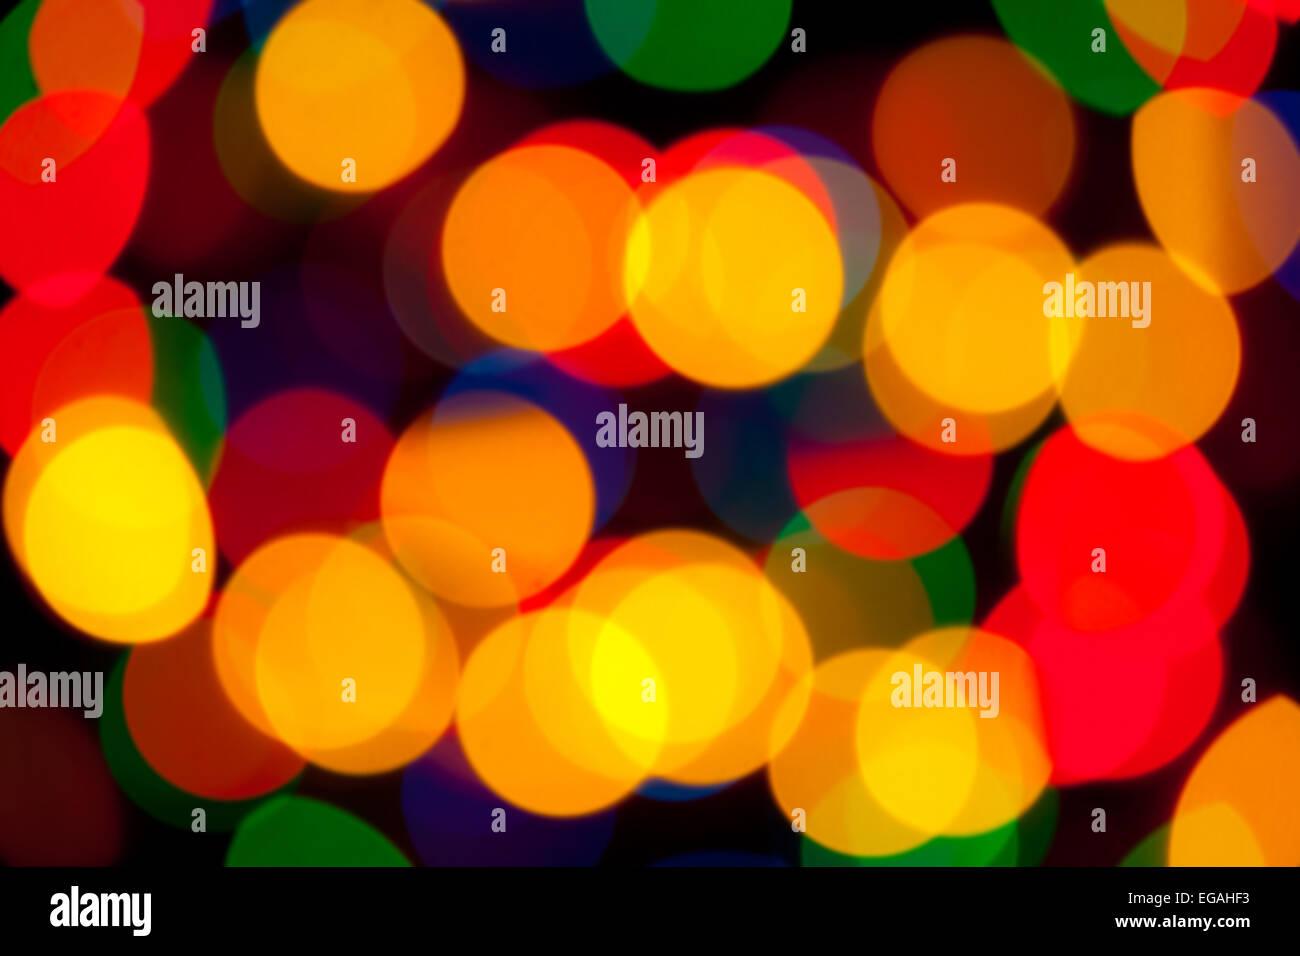 Résumé Les antécédents - objets de couleur lumineux de flou artistique sur un fond noir Photo Stock